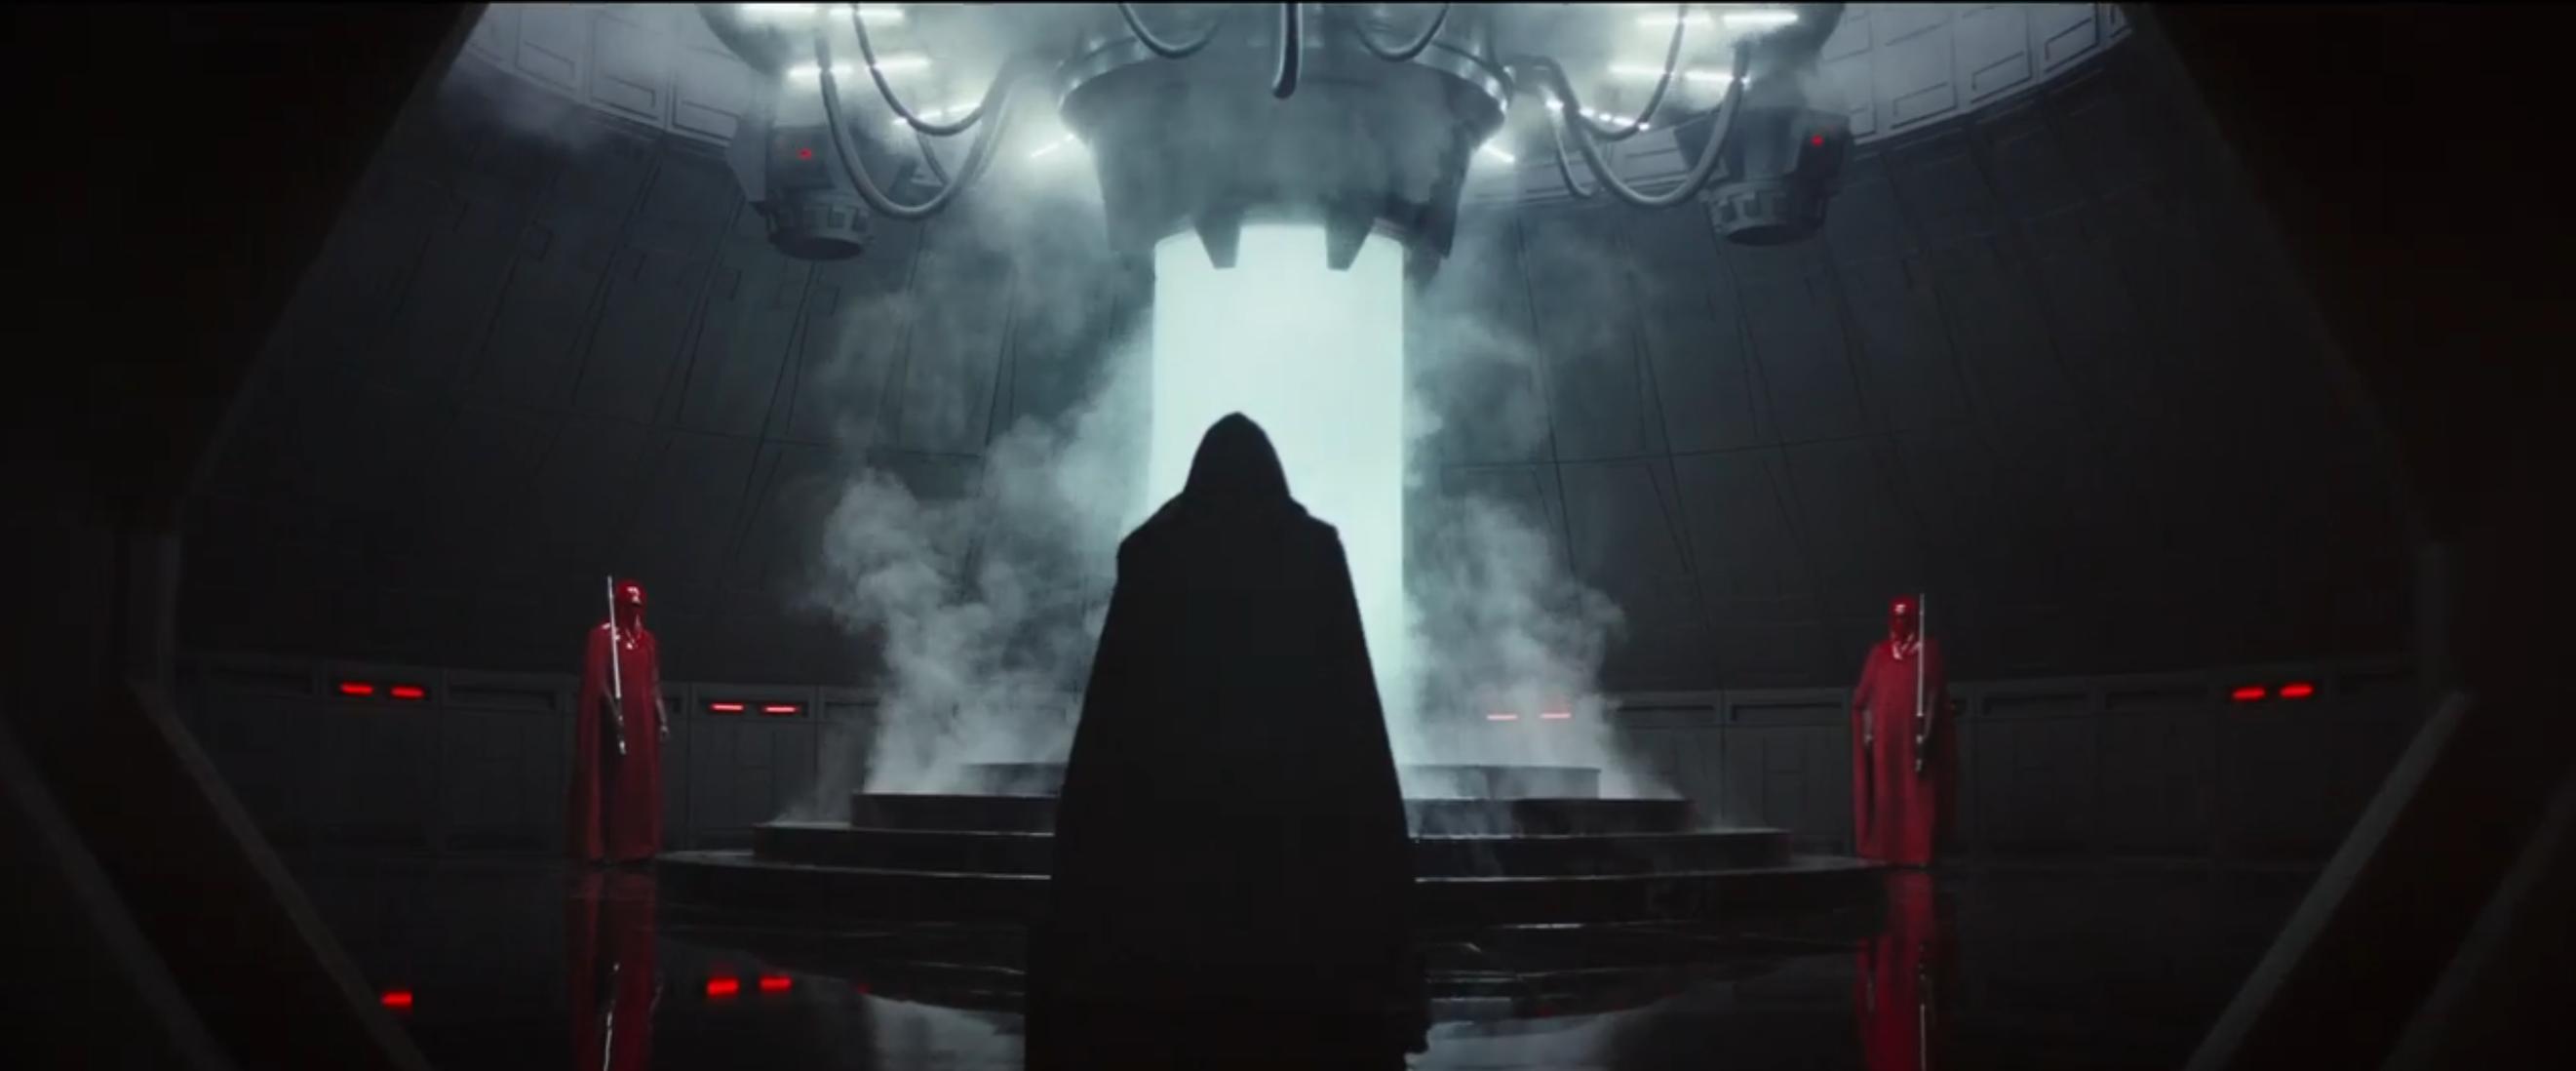 Rogue One - A Star Wars Story: una figura misteriosa nel teaser trailer del film